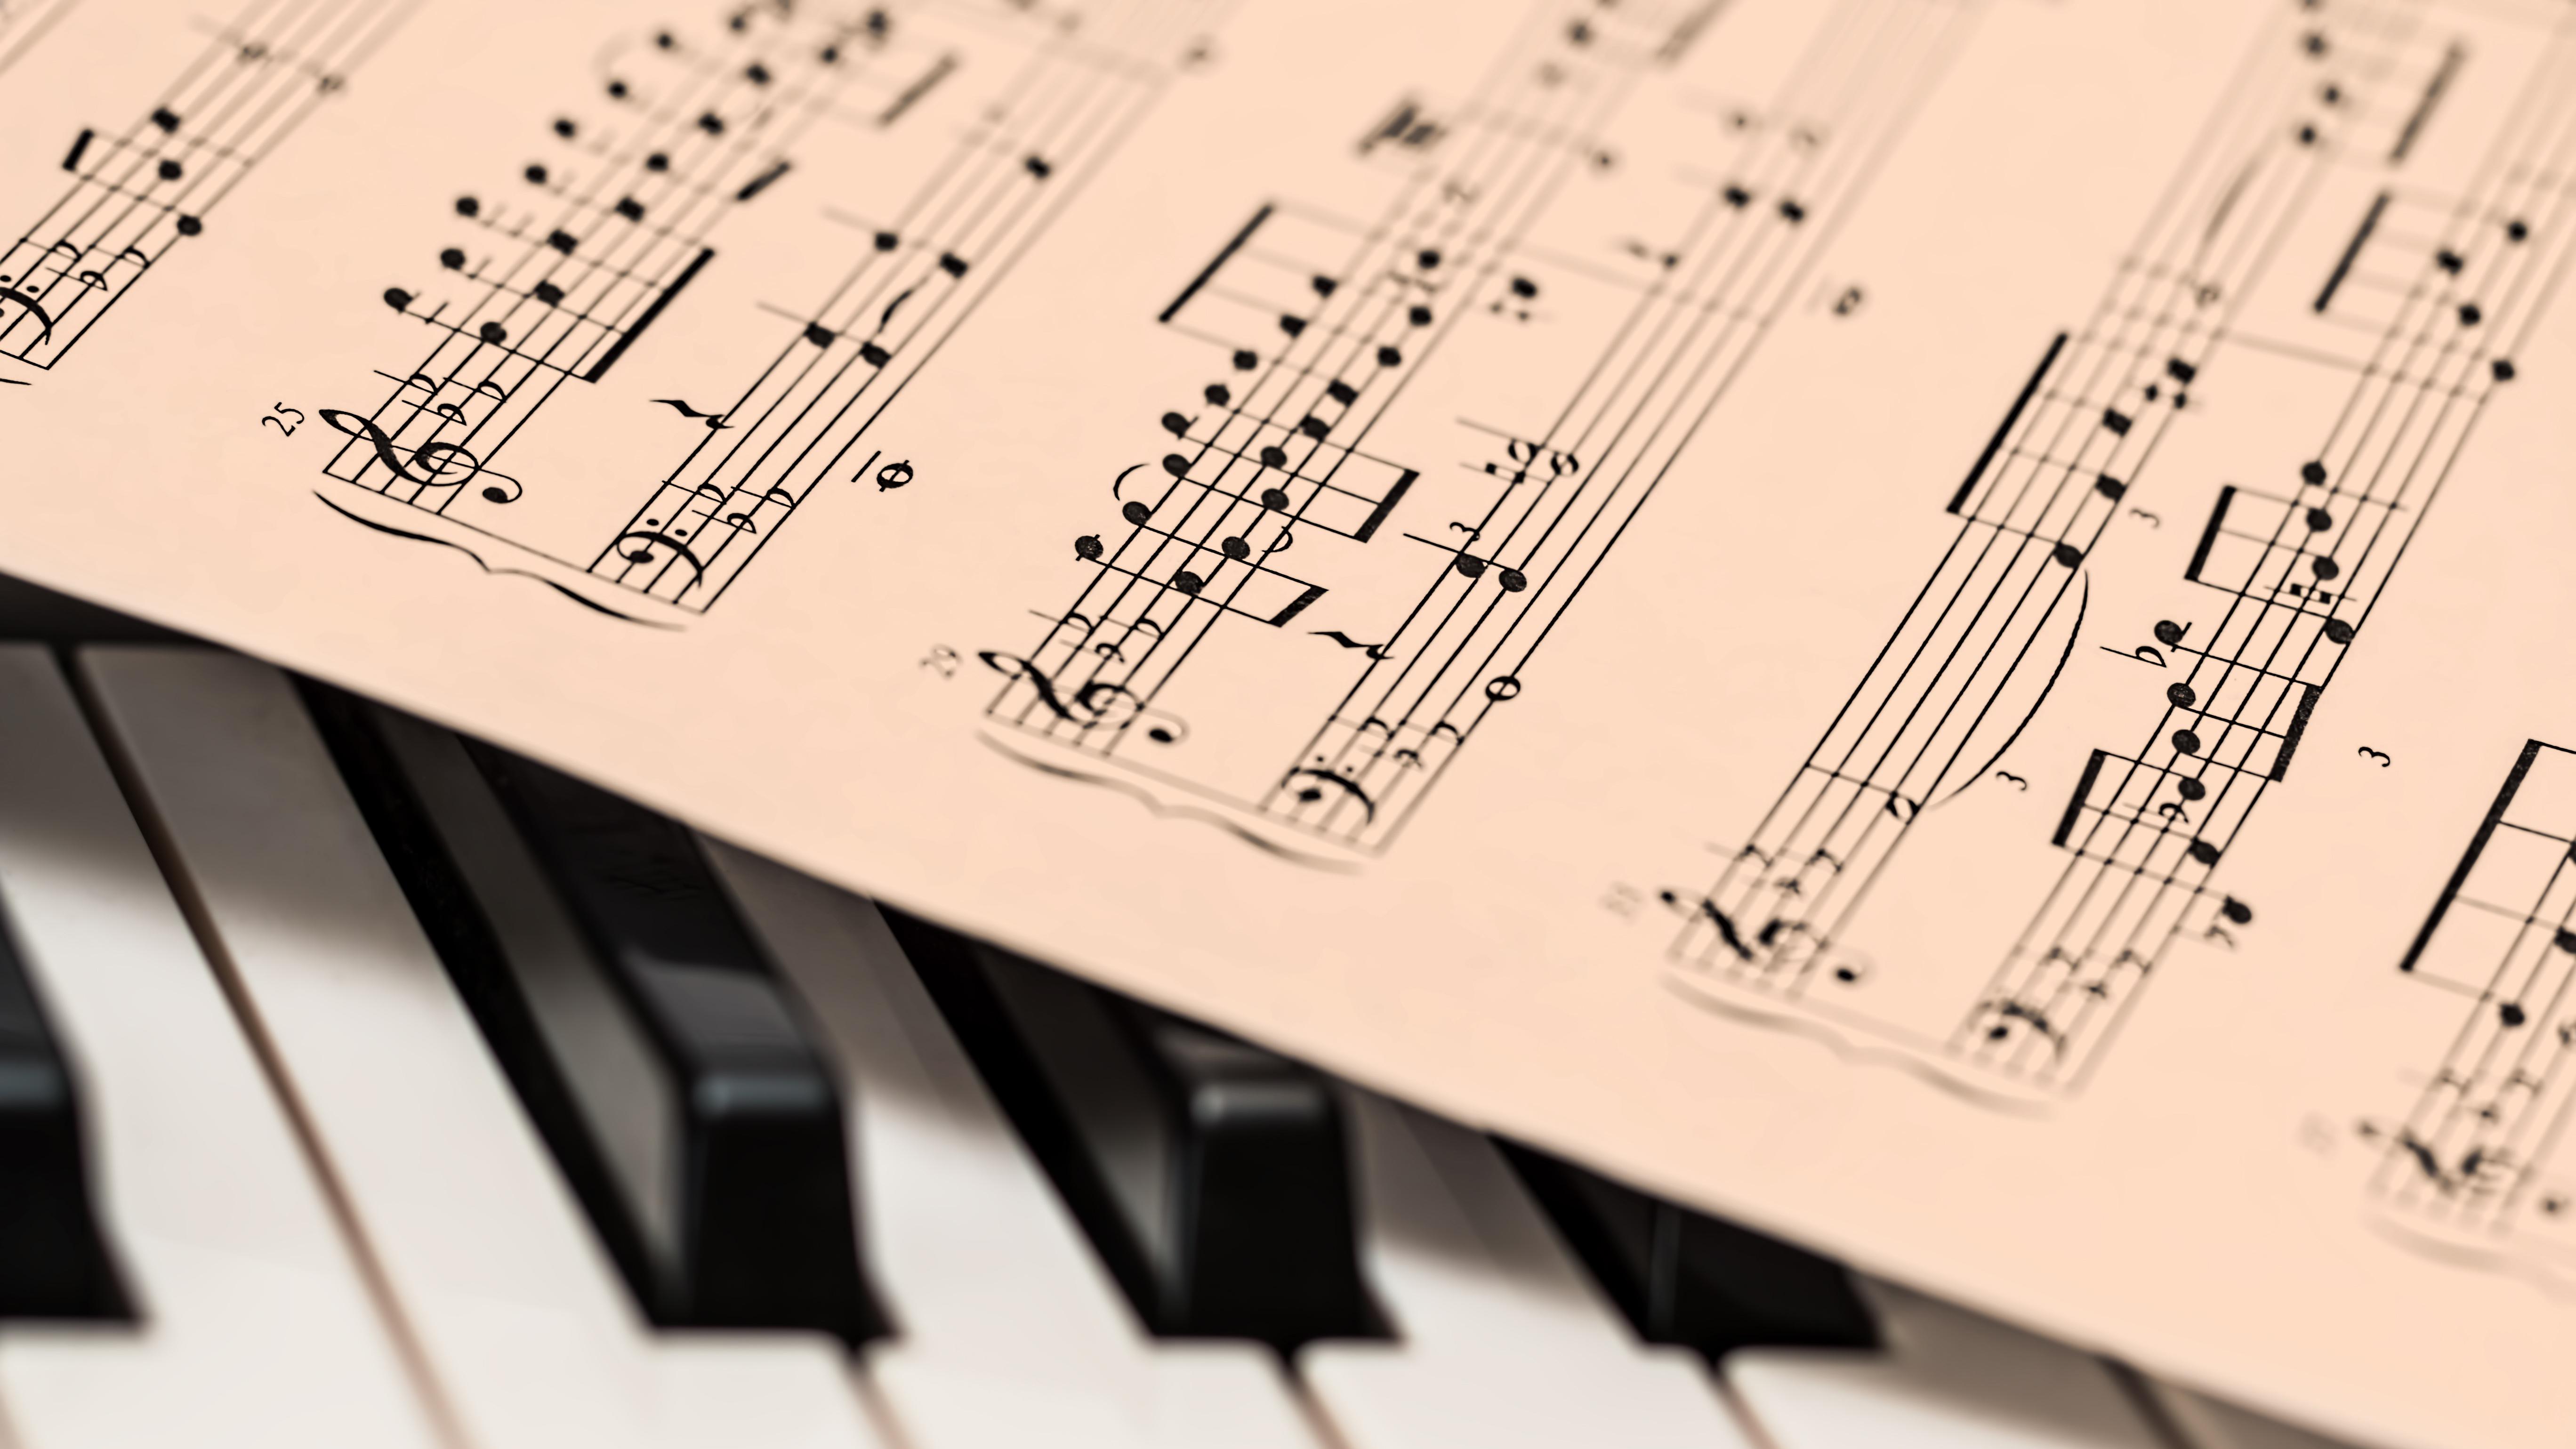 เล่นเปียโนเพลงป็อปเบื้องต้น สไตล์เต้นไปร้องไป